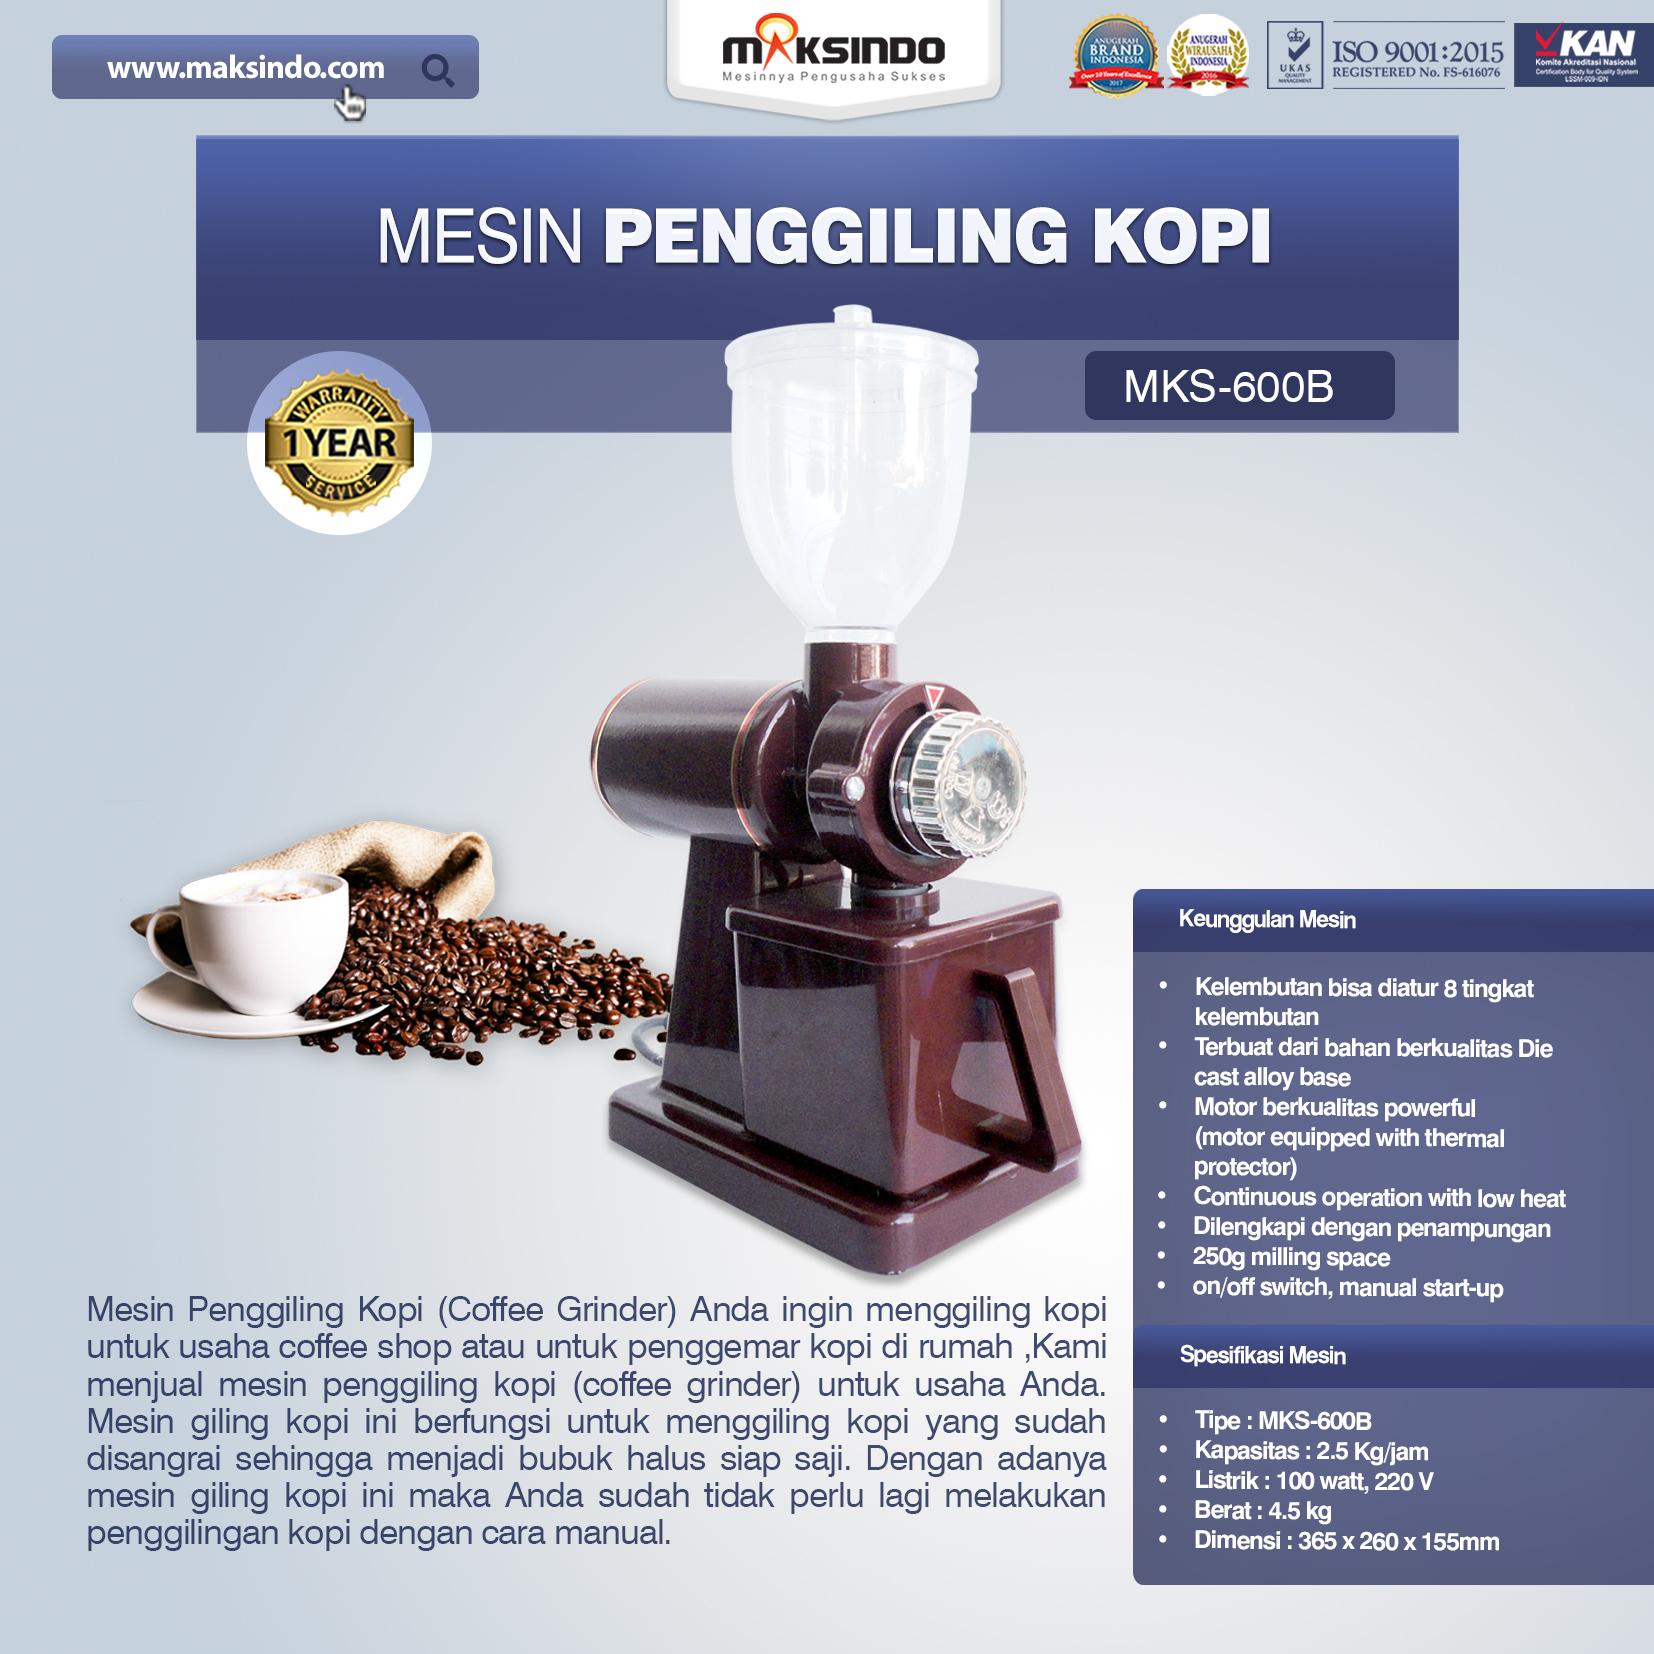 Jual Mesin Penggiling Kopi (MKS-600B) di Palembang